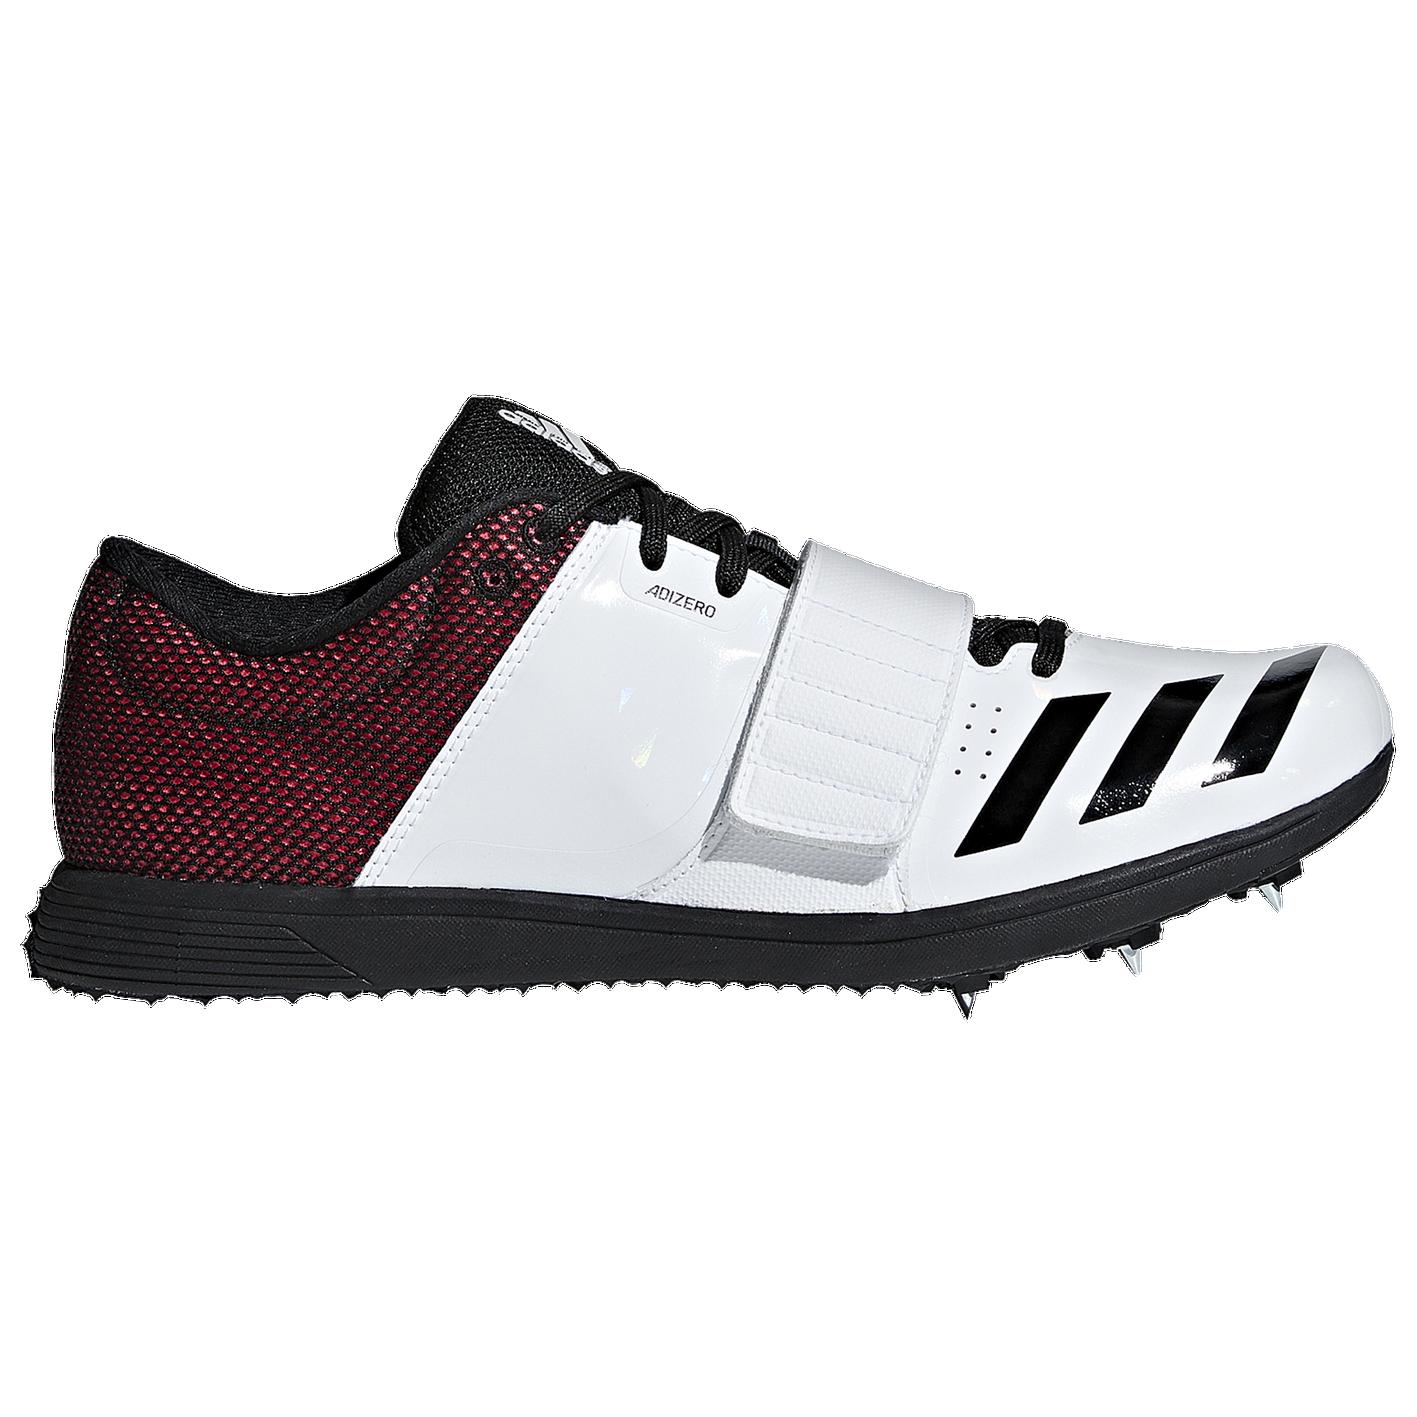 79928a89d adidas adiZero TJ PV - Men s - Track   Field - Shoes - White Core ...